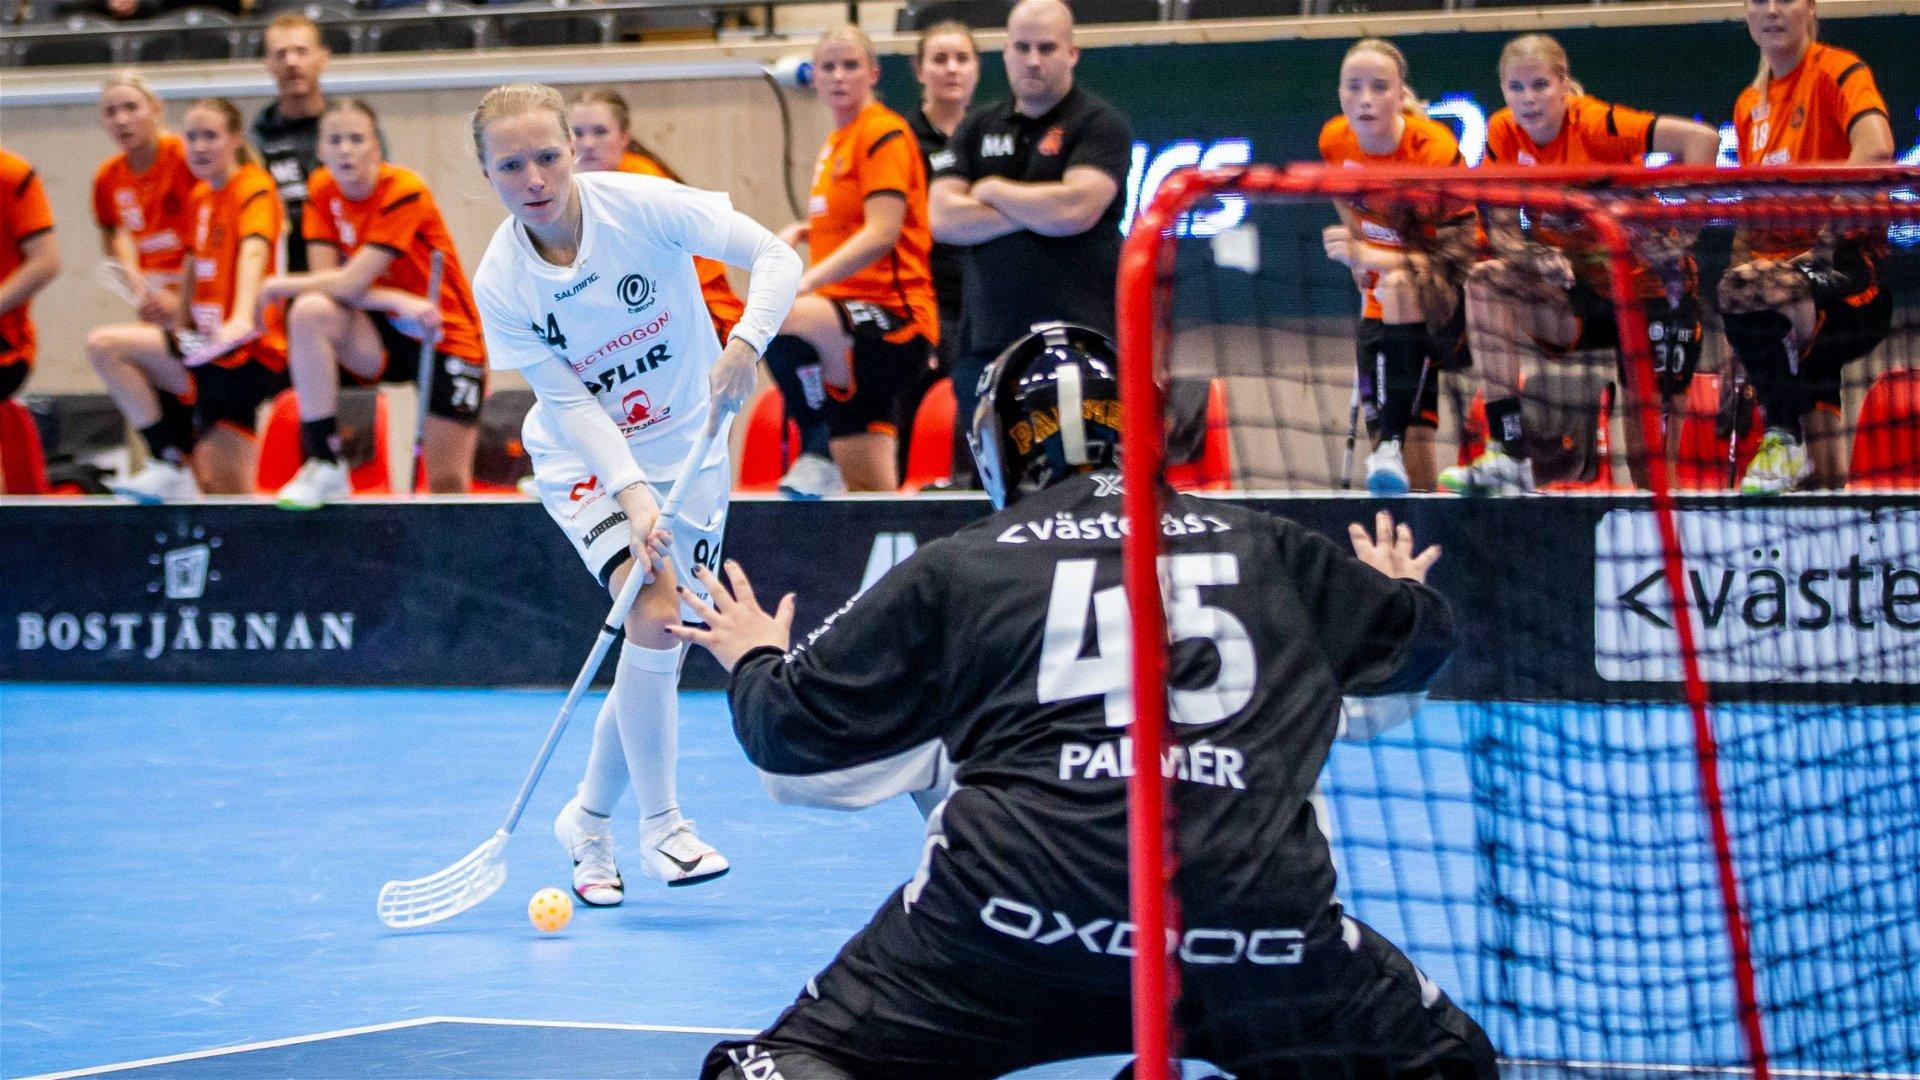 Highlights: Västerås Rönnby IBK - Täby FC